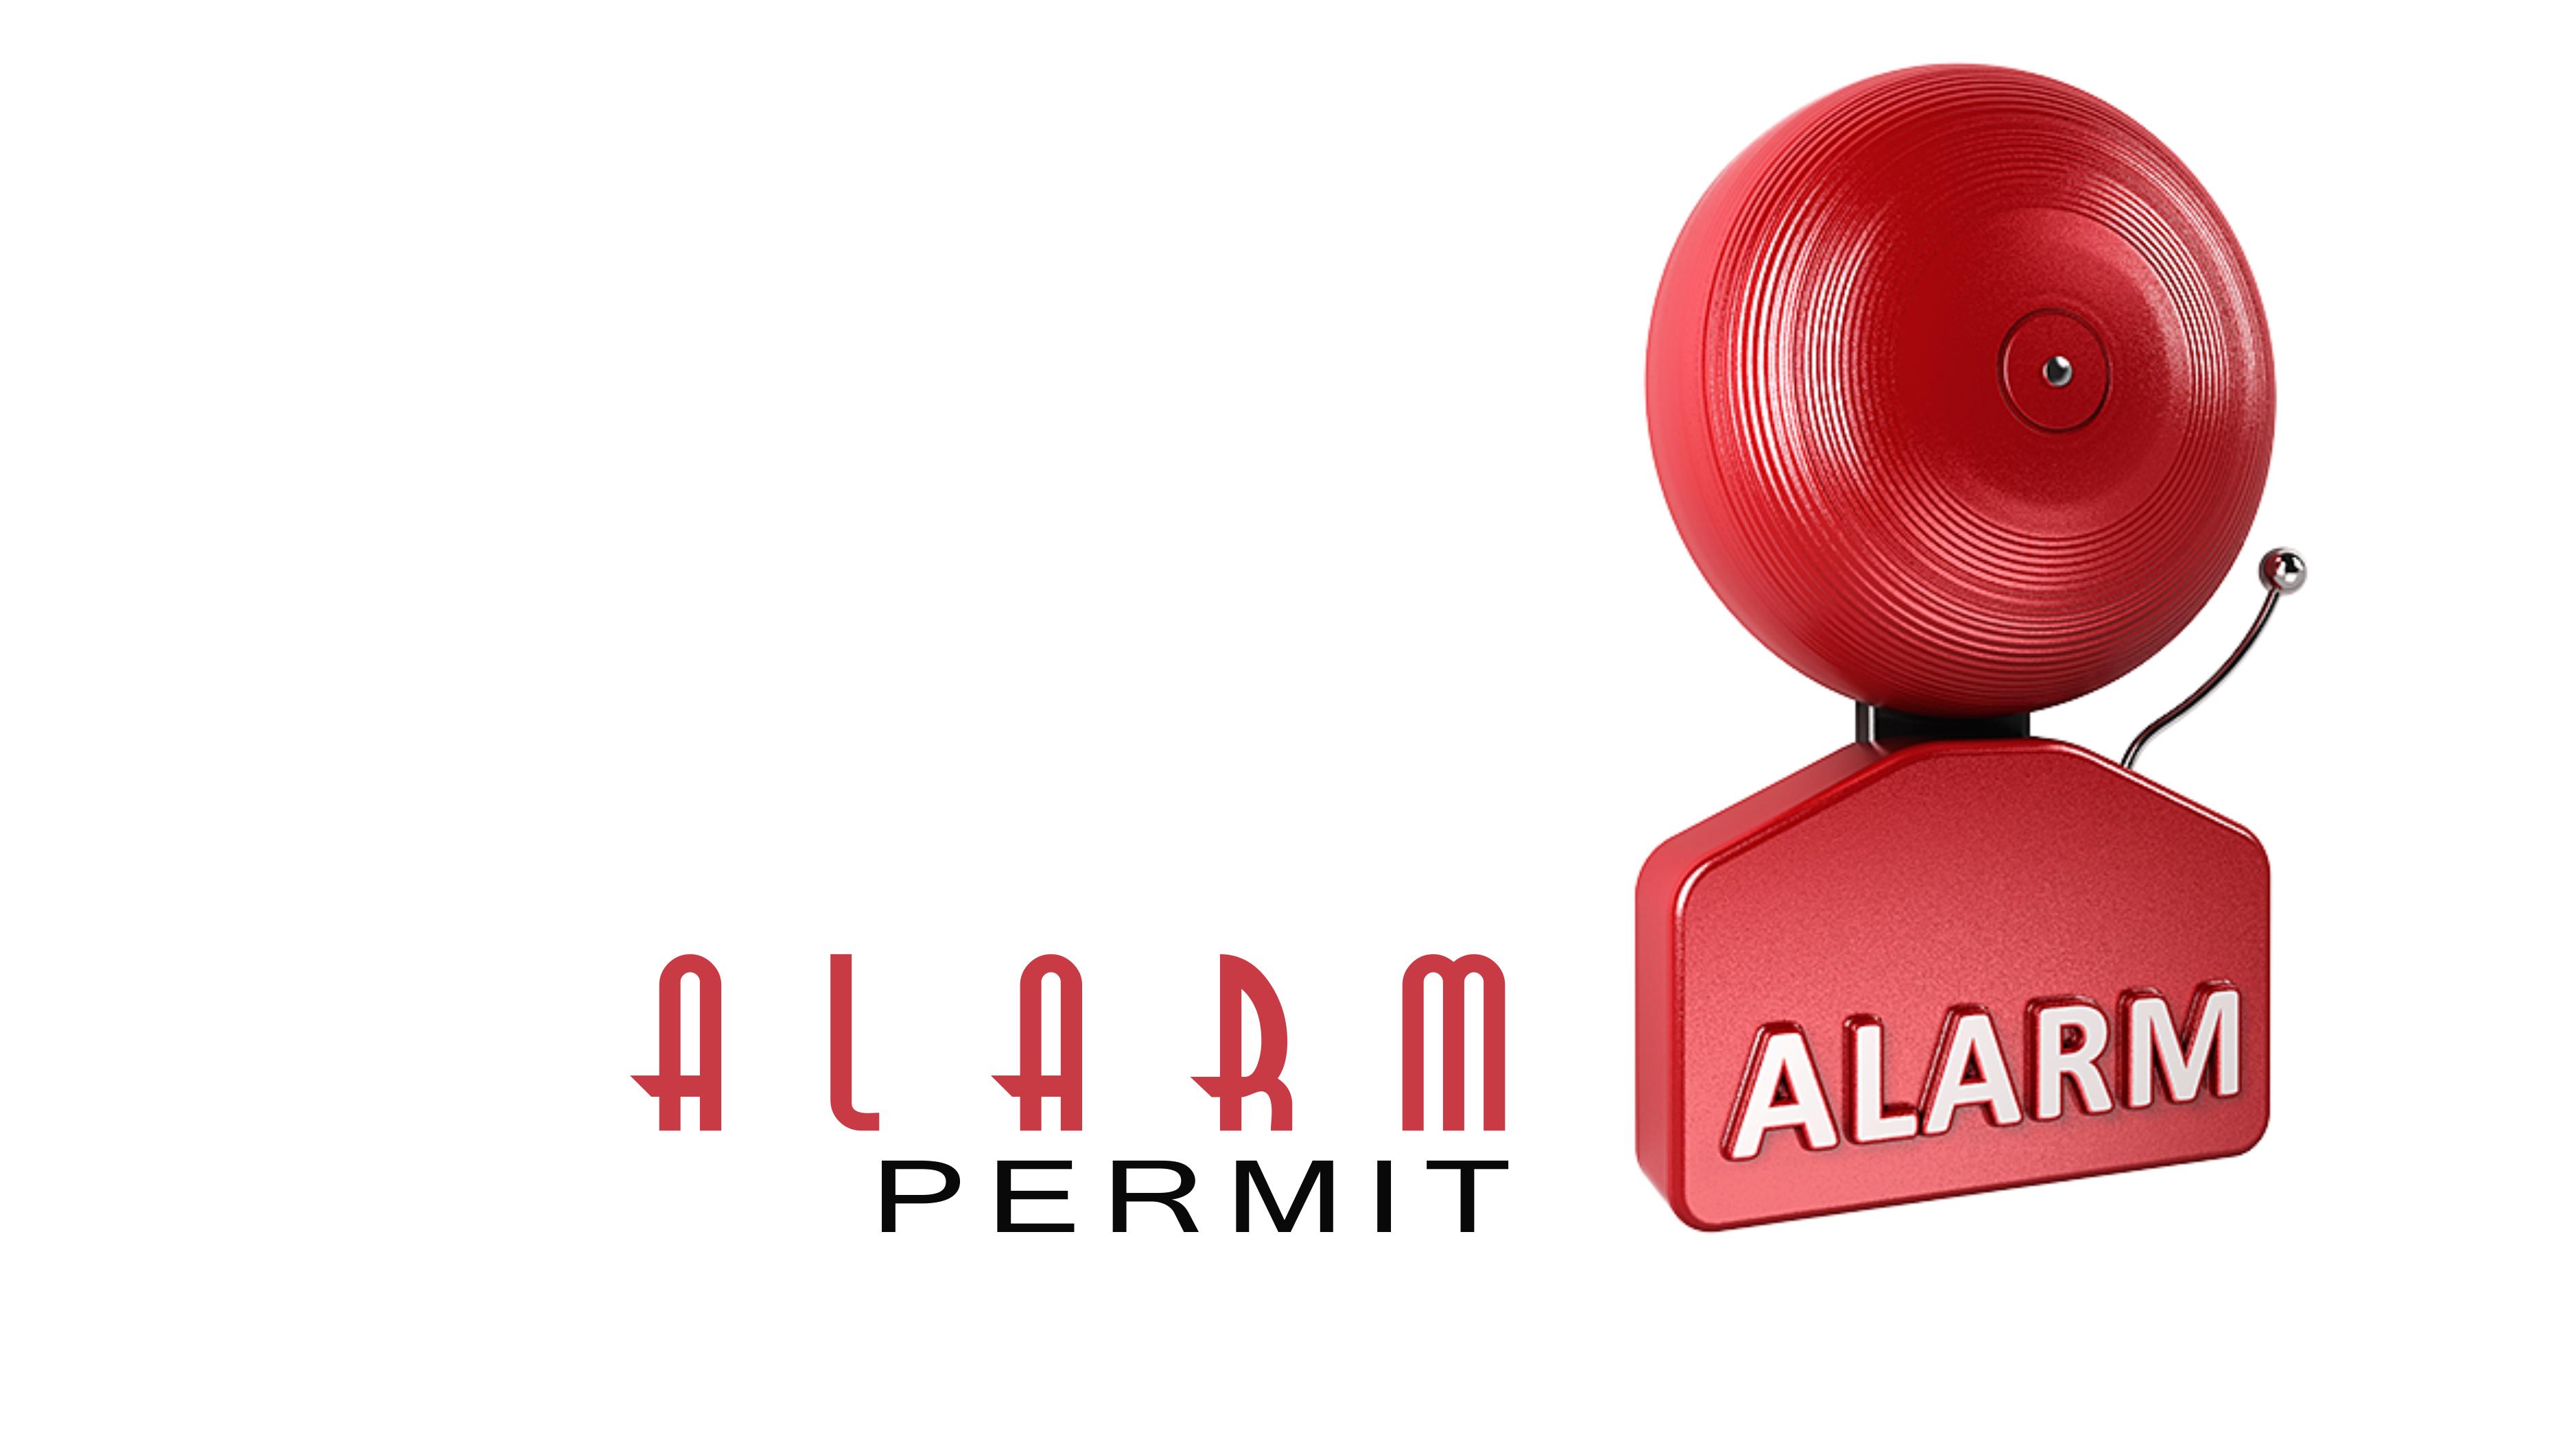 alarm permit online